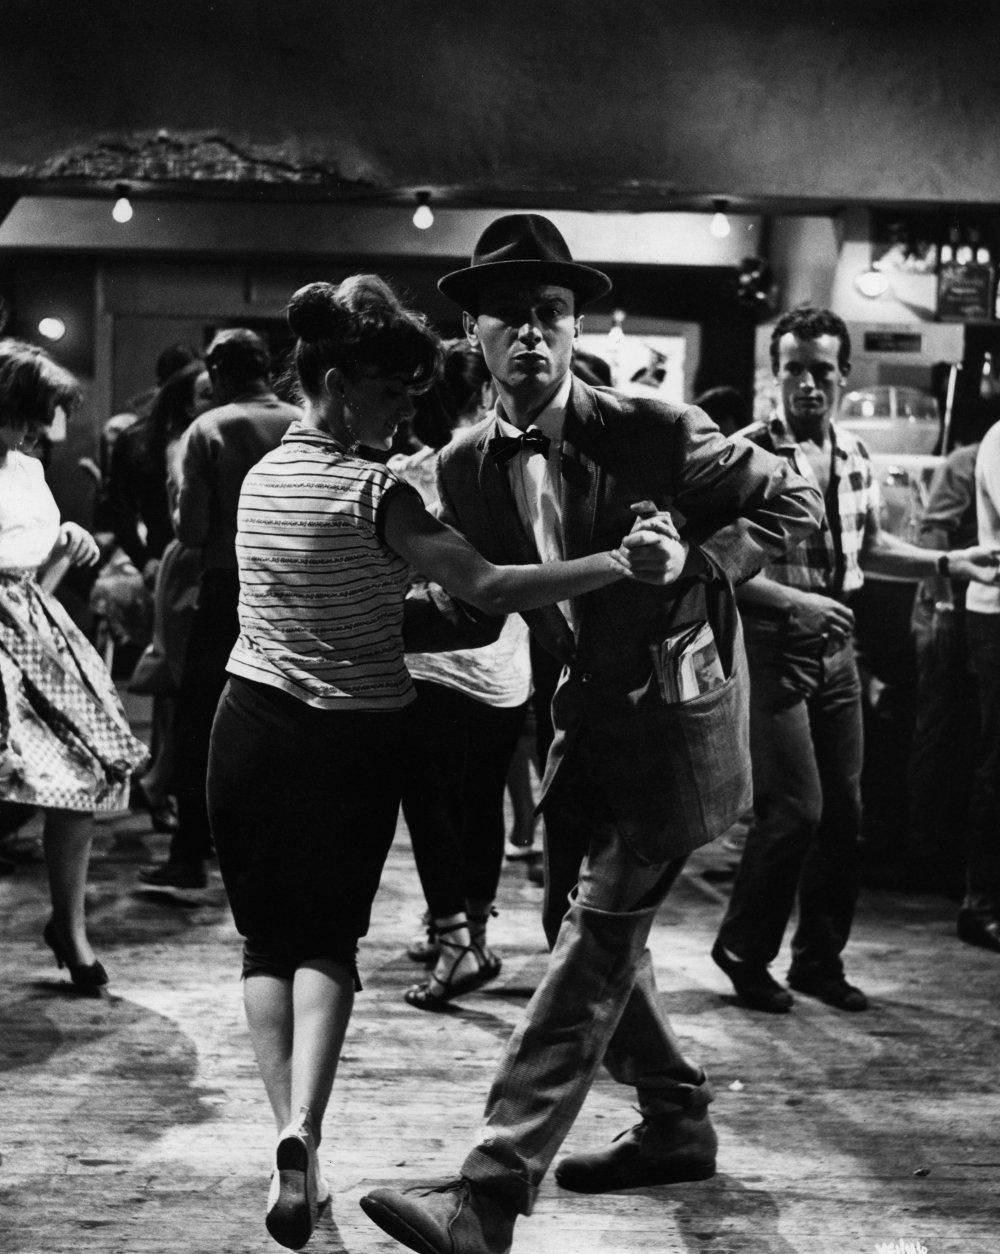 Expresso Bongo (1959)